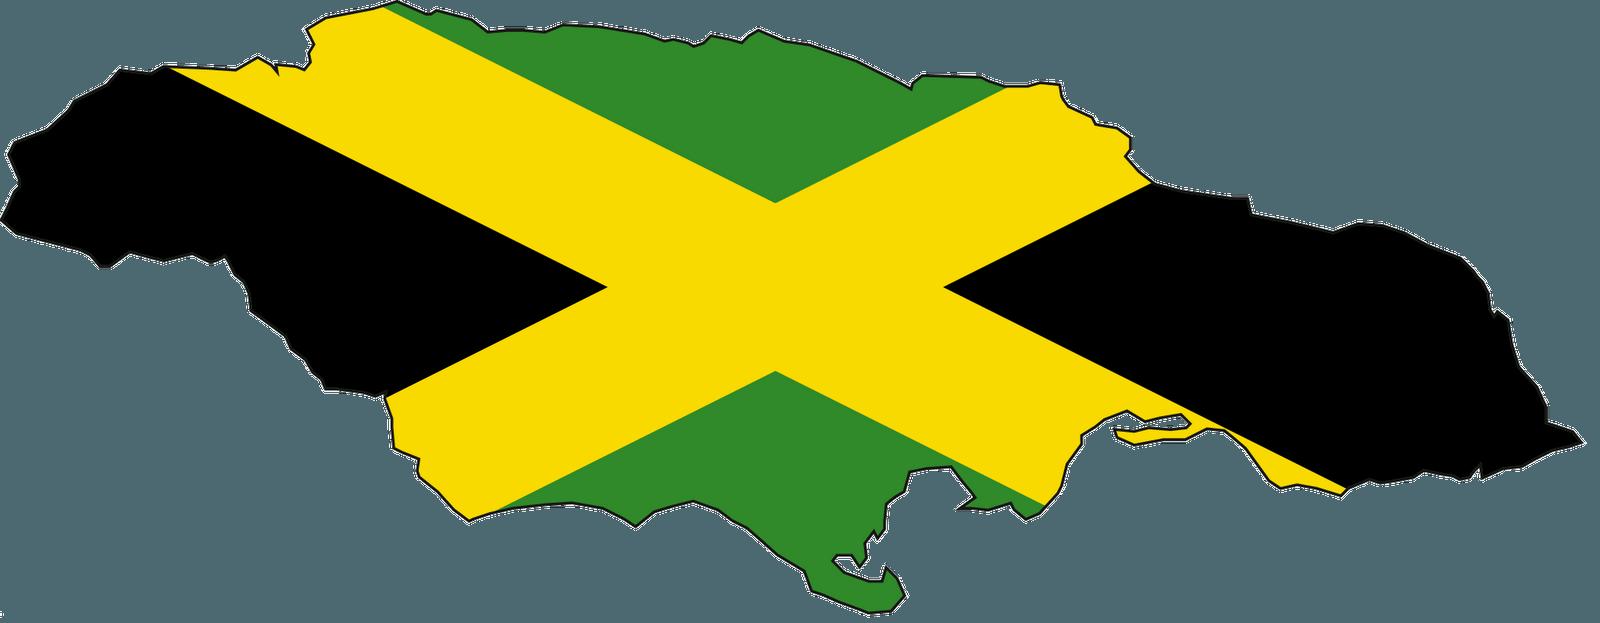 GRAAFIX.BLOGSPOT.COM: wallpaper Flag of Jamaica